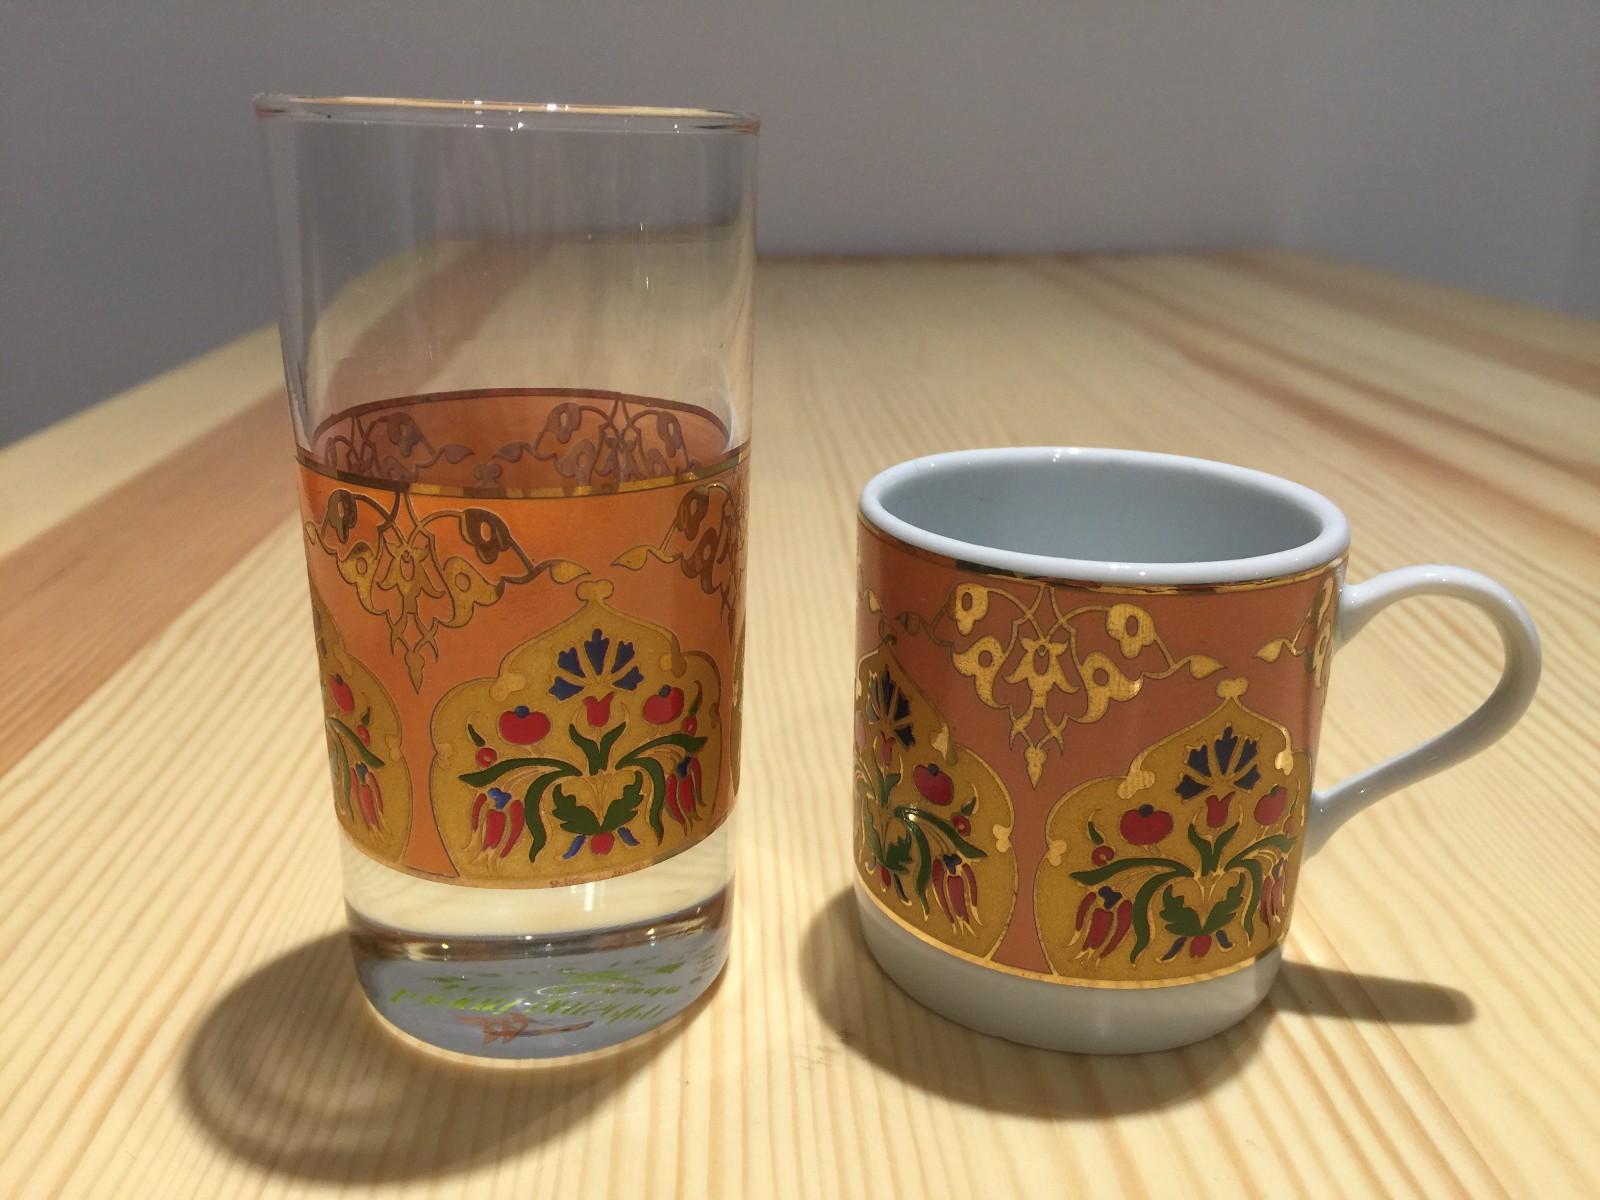 土耳其精品陶艺工艺品 家装摆件 咖啡杯图片十